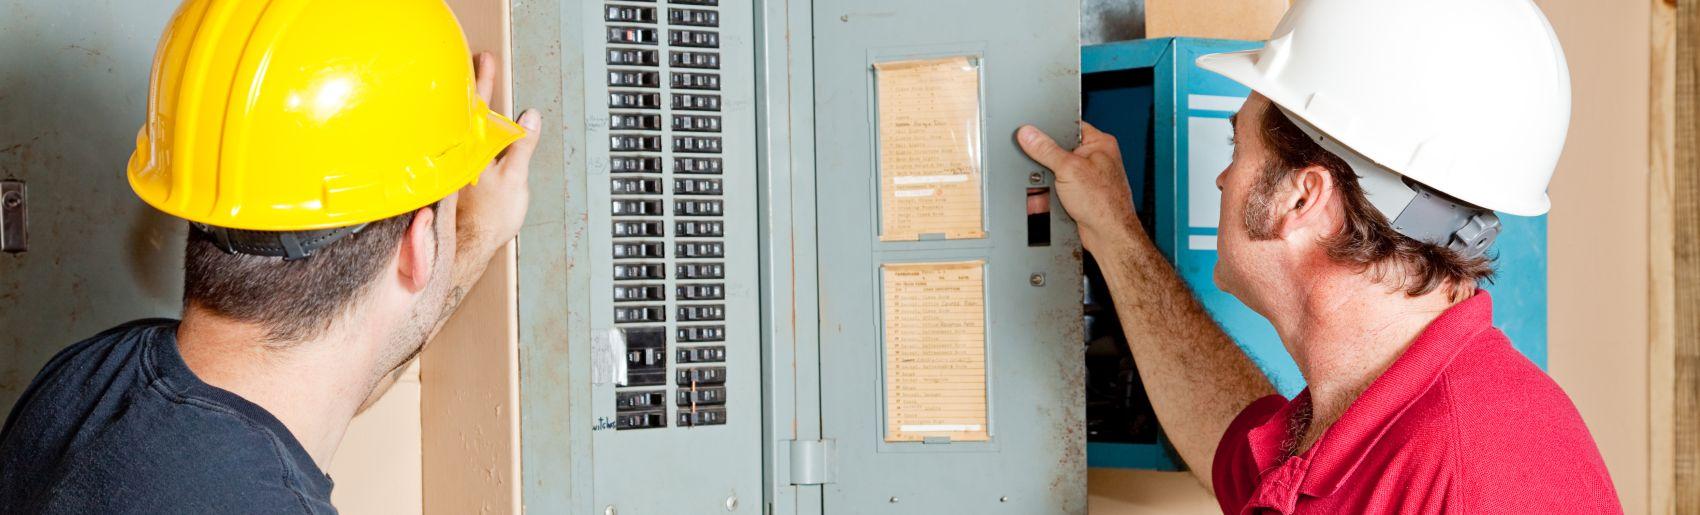 electrical services in albuquerque